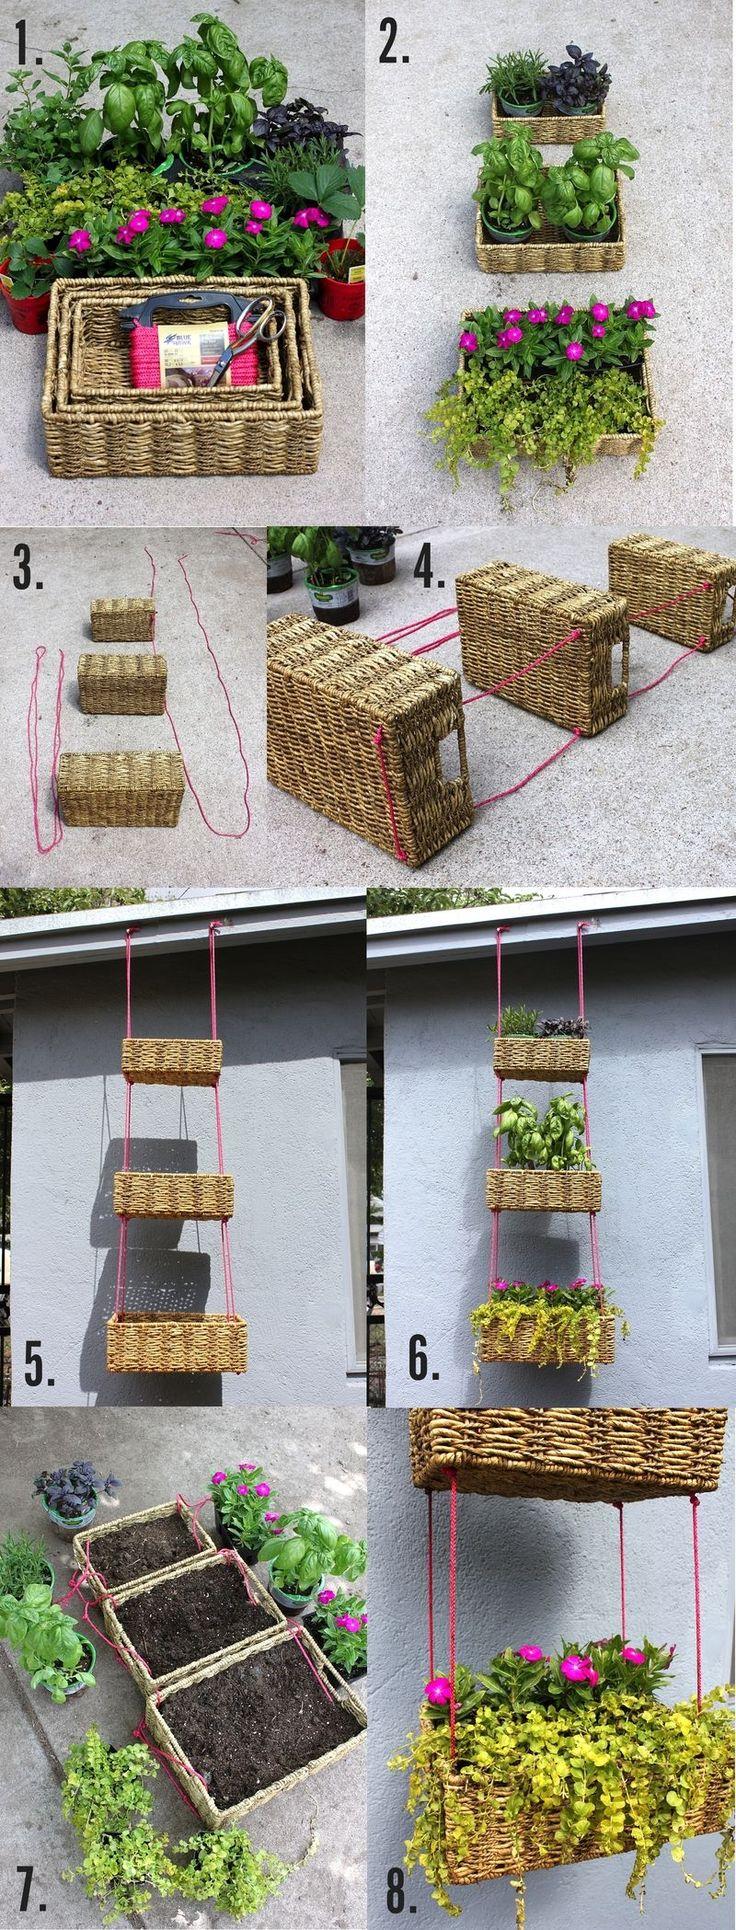 DIY hanging basket garden